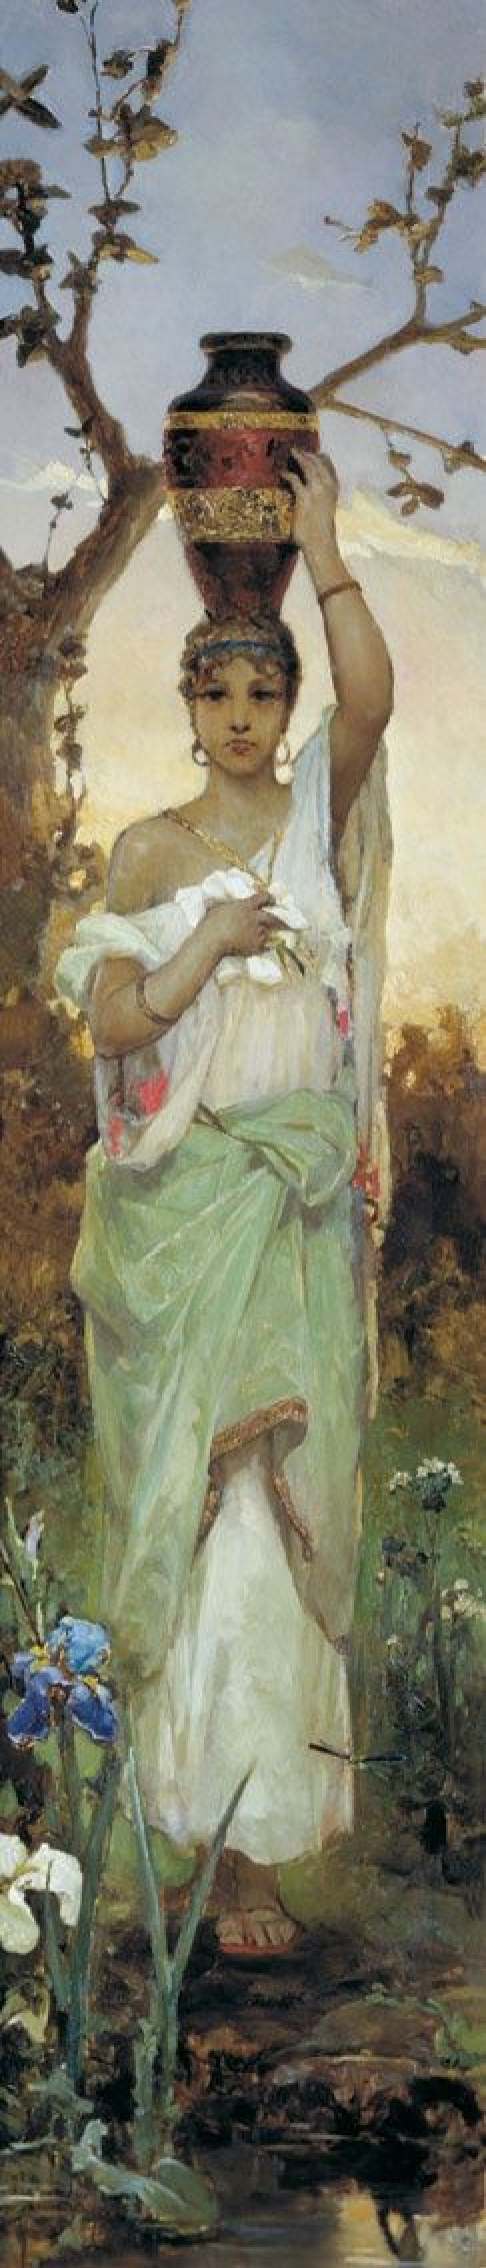 Вильгельм Александрович Котарбинский. Женщина с кувшином